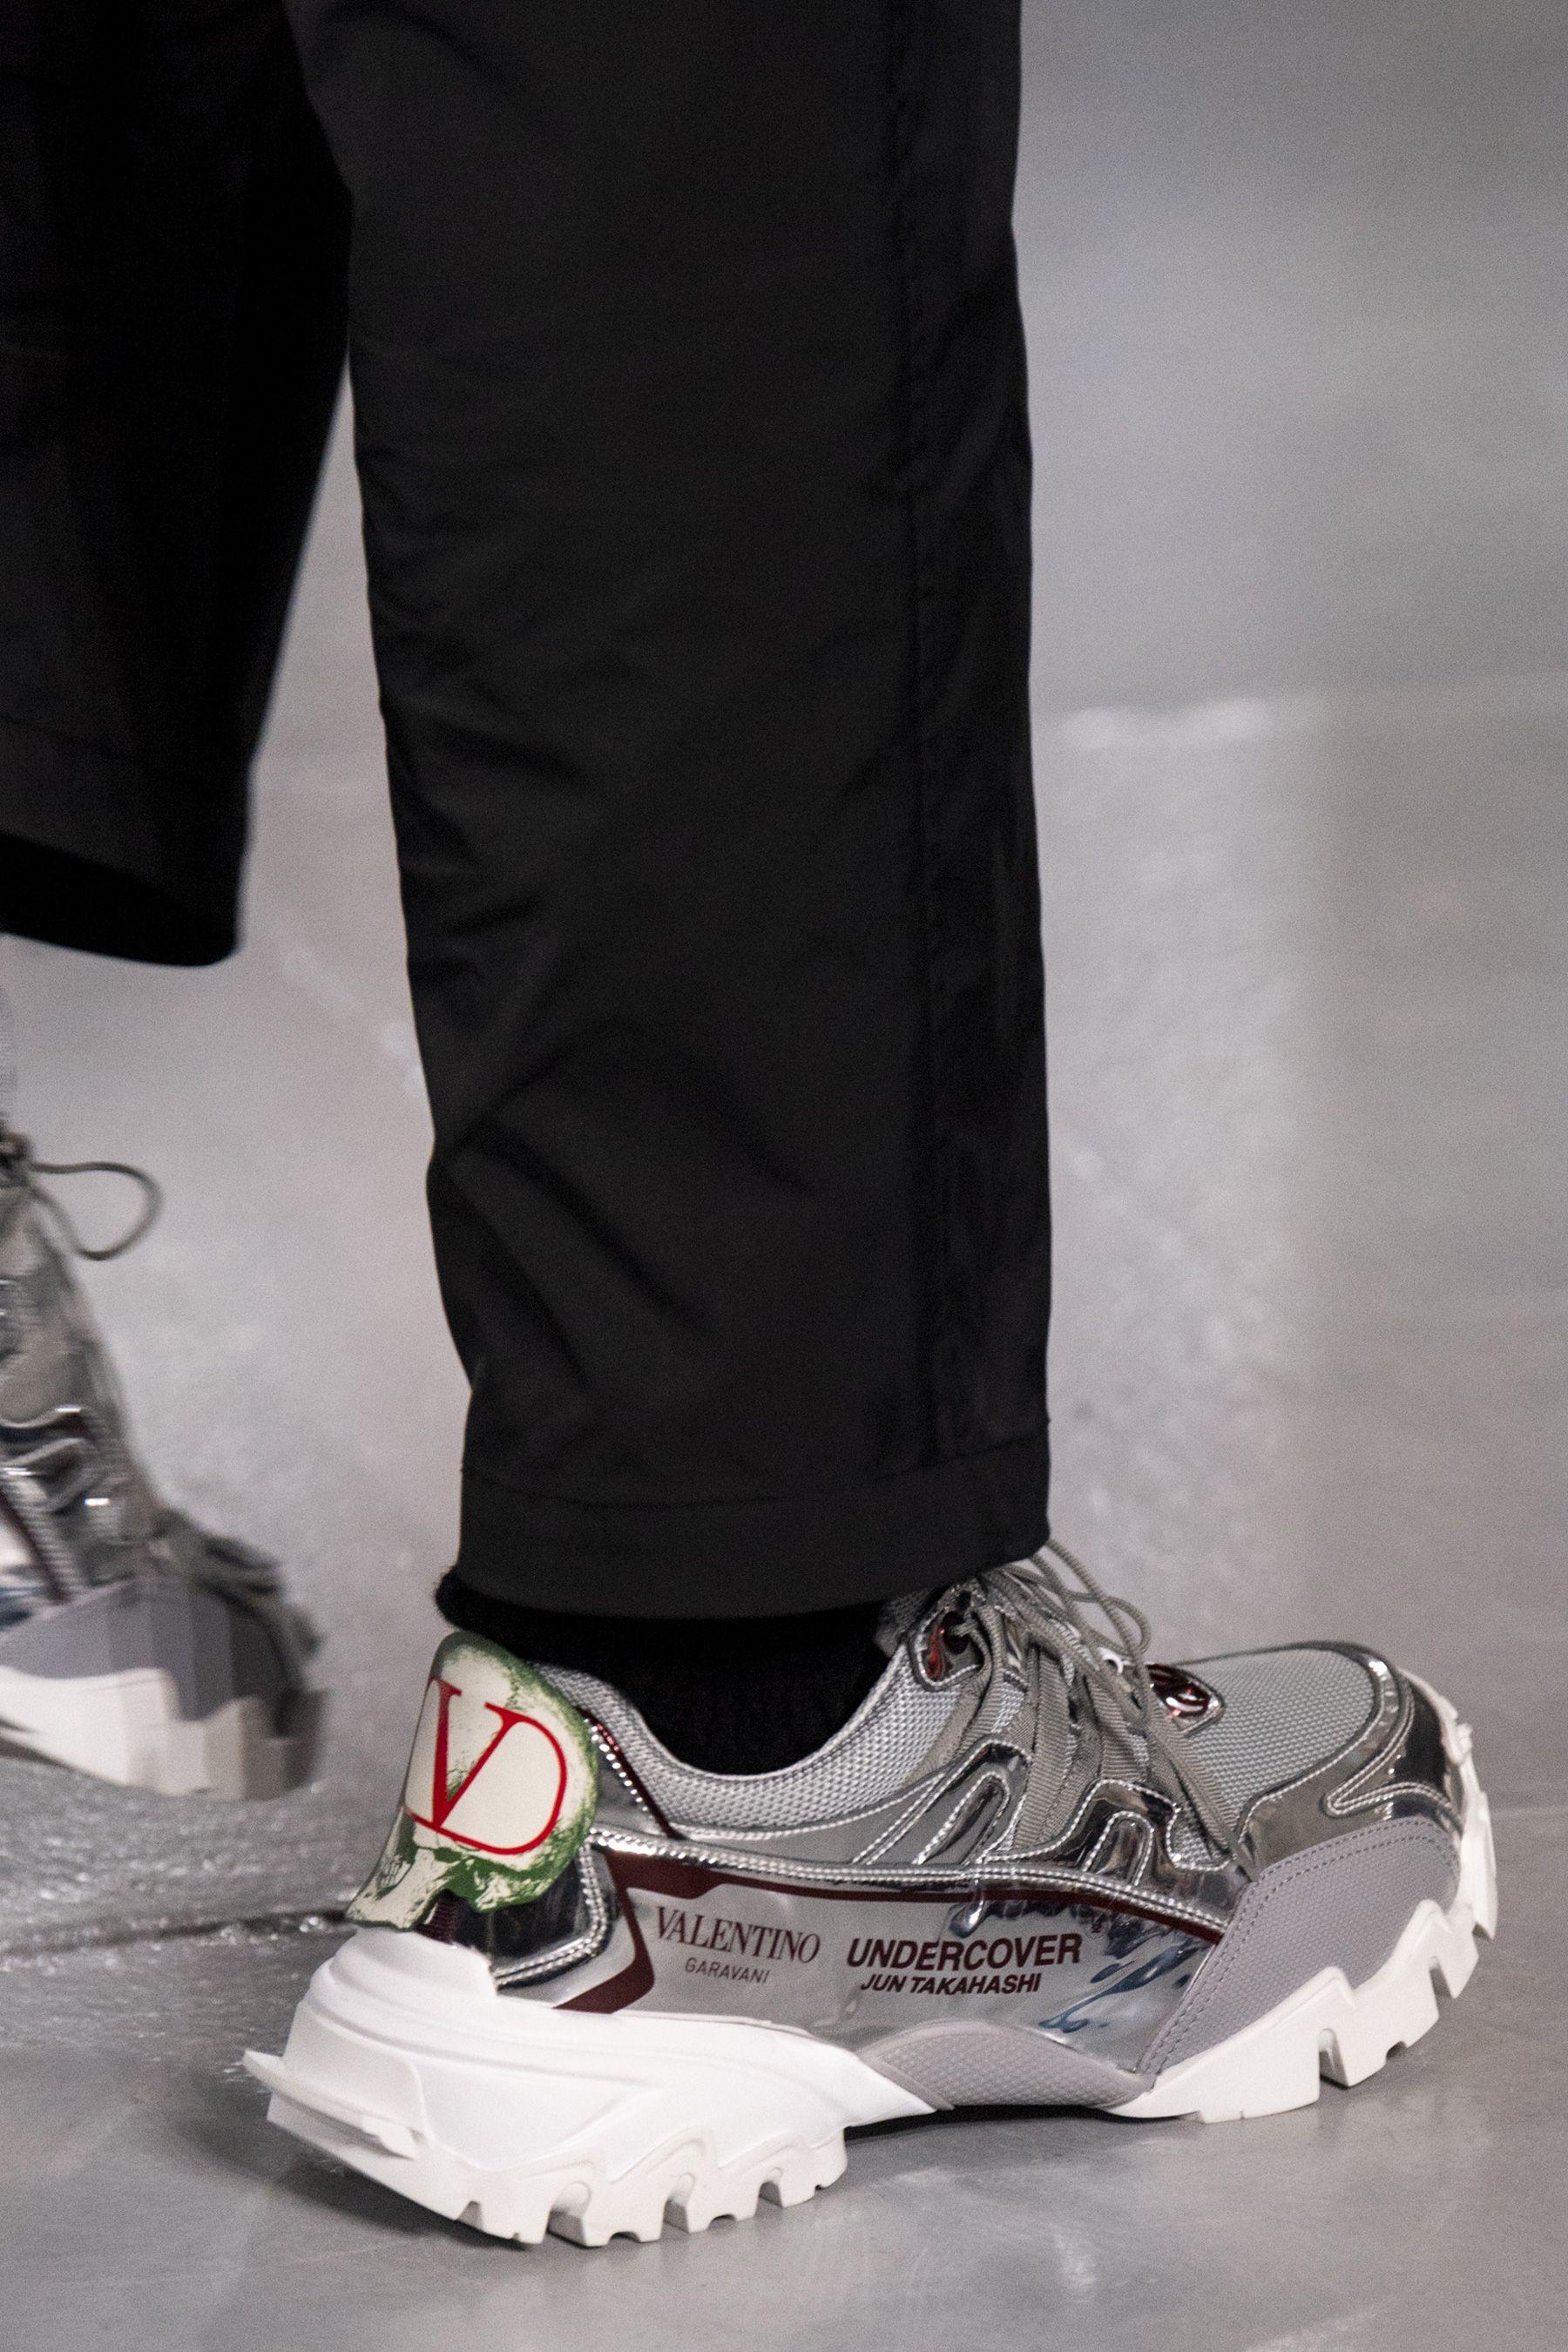 4a097d9e1b0a1 Valentino Fall 2019 Men's Fashion Show Details | Menswear ...